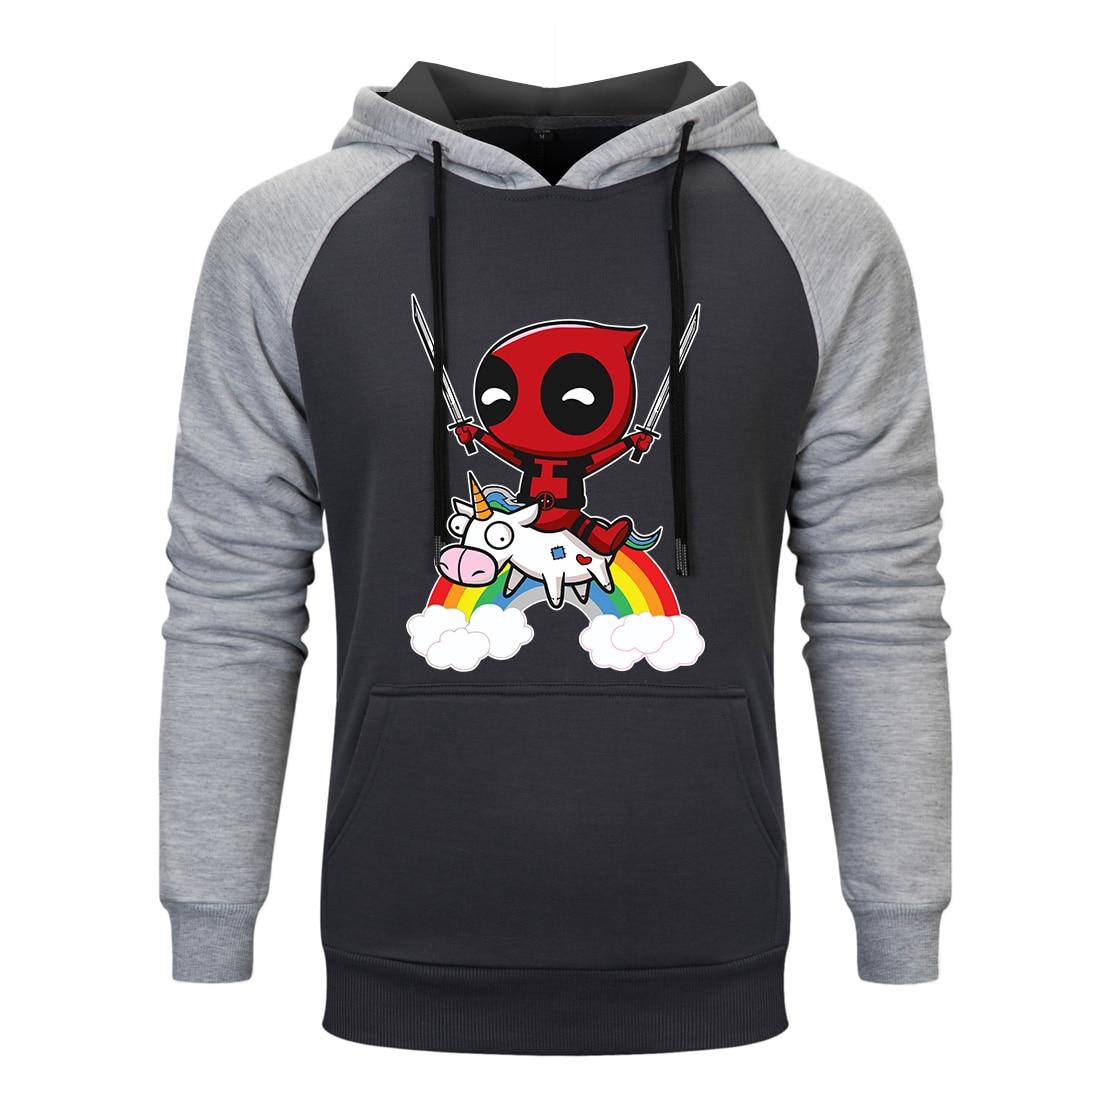 2019 New Marvel movie Deadpool print Hoodies Men Harajuku Leisure Soft Cotton Raglan Hoodies White hoody Streetwear sweatshirt in Hoodies amp Sweatshirts from Men 39 s Clothing